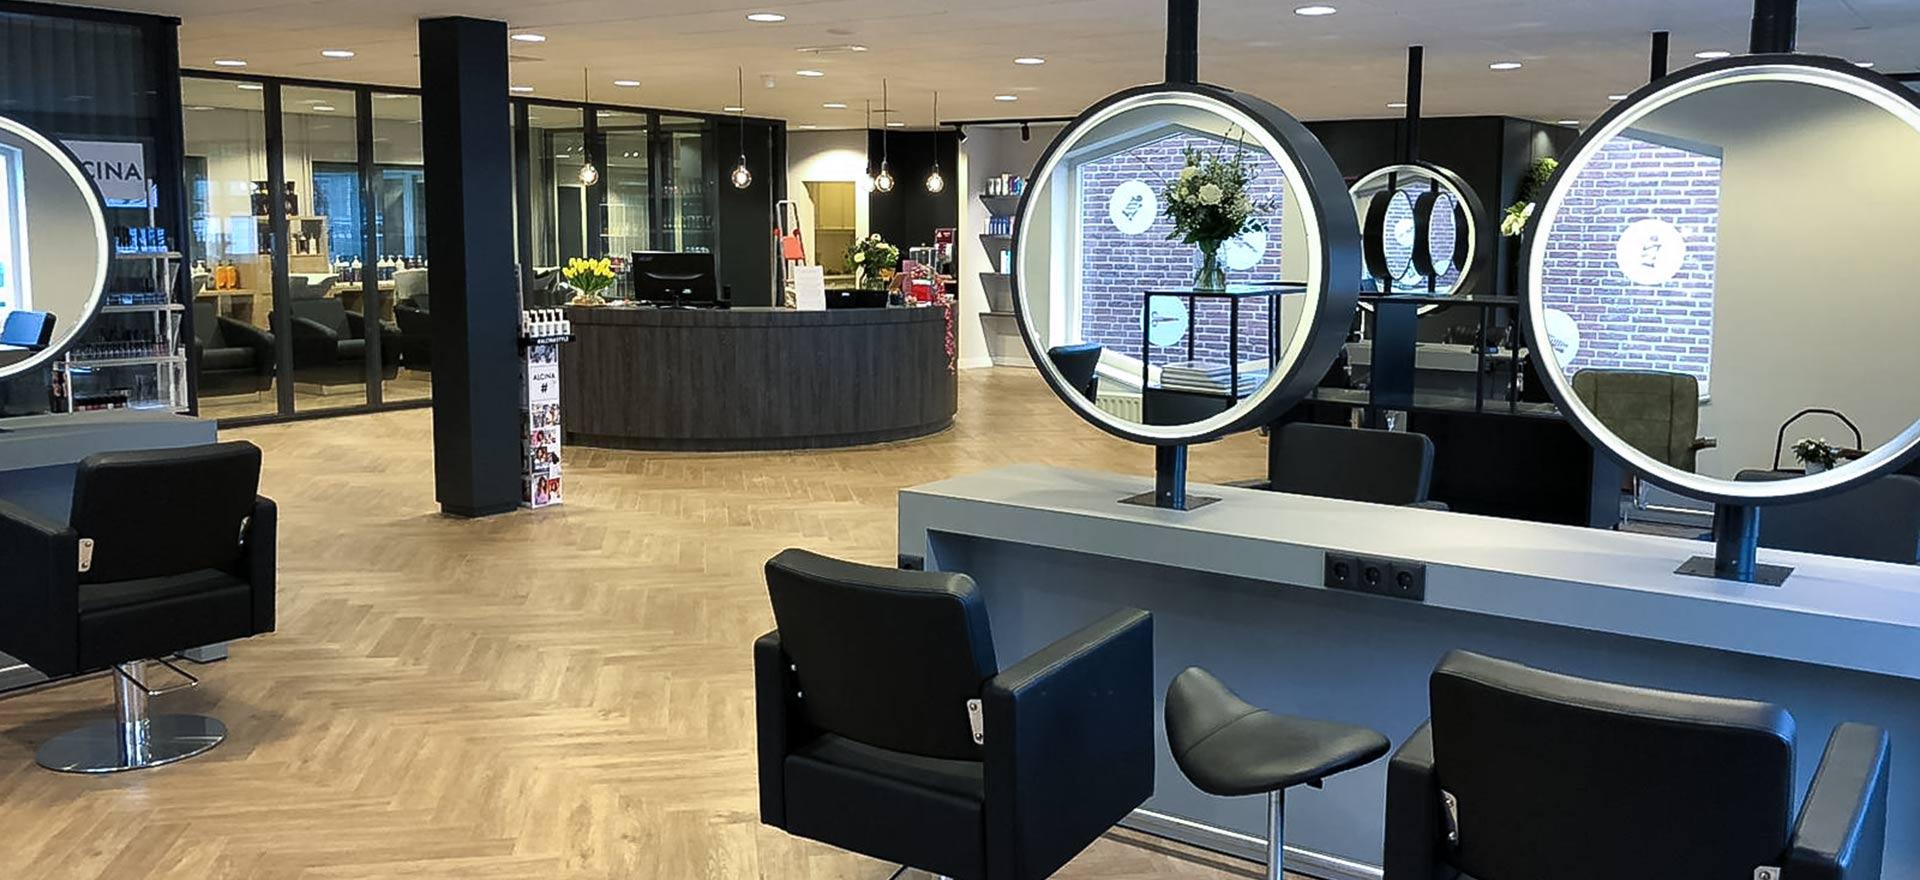 die saloneinrichter - Friseur- & Saloneinrichtung für ganz ...